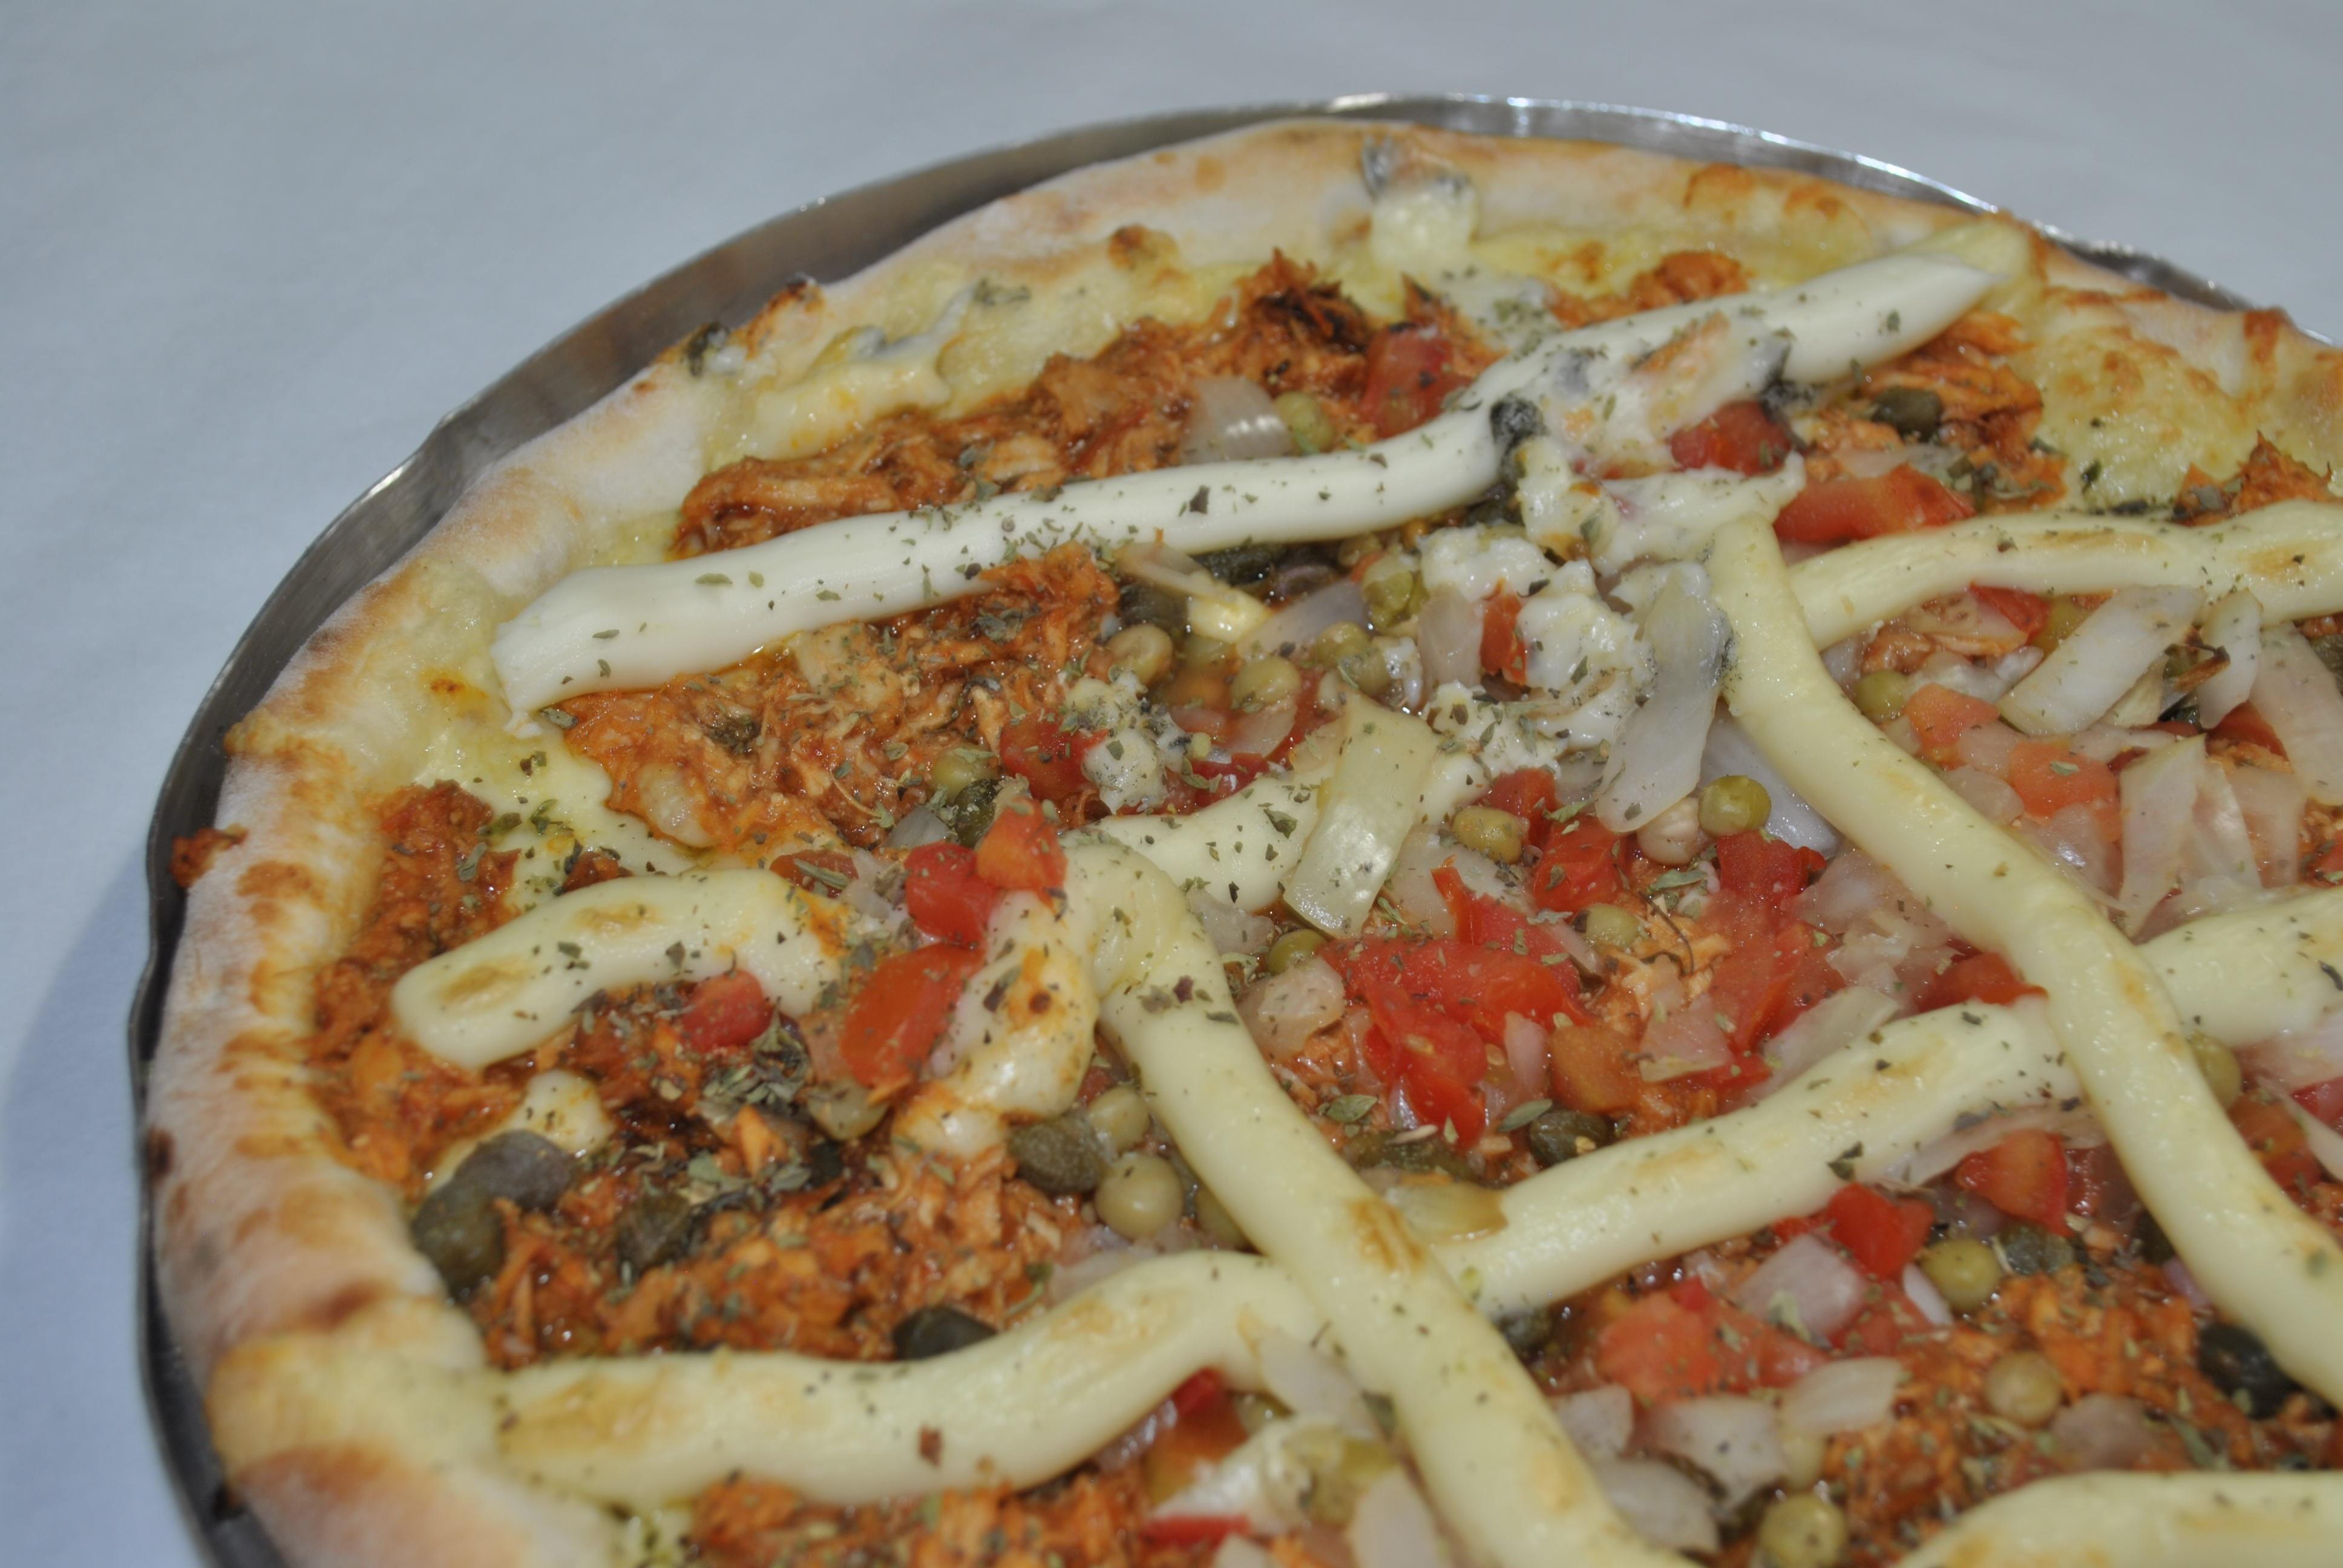 Kostenlose foto : Restaurant, Gericht, Lebensmittel, Küche, Pizzeria ...